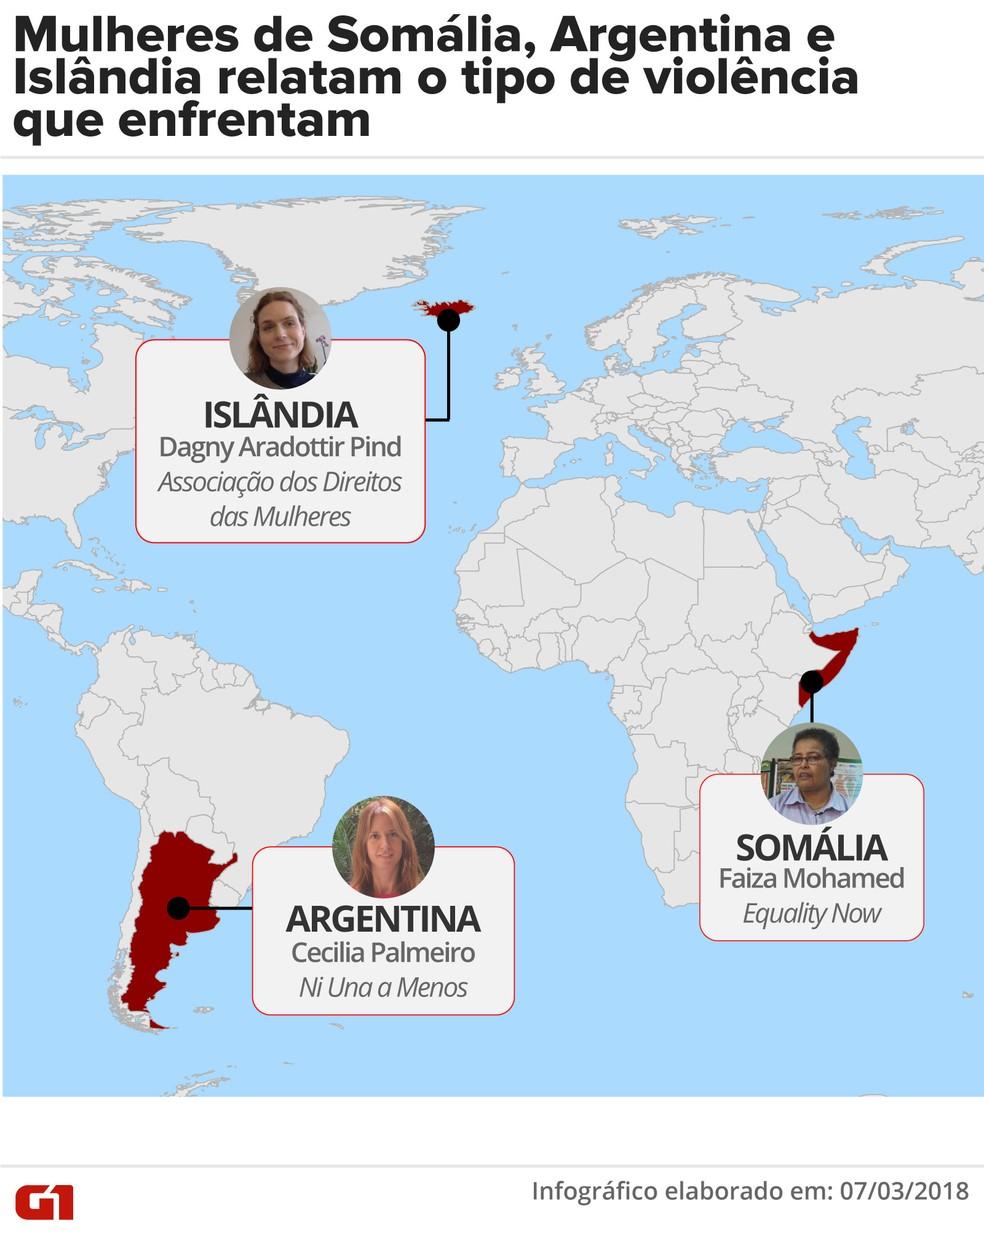 Mulheres de Somália, Argentina e Islândia relatam o tipo de violência que enfrentam em seus países (Foto: Fernanda Garrafiel/Arte G1)